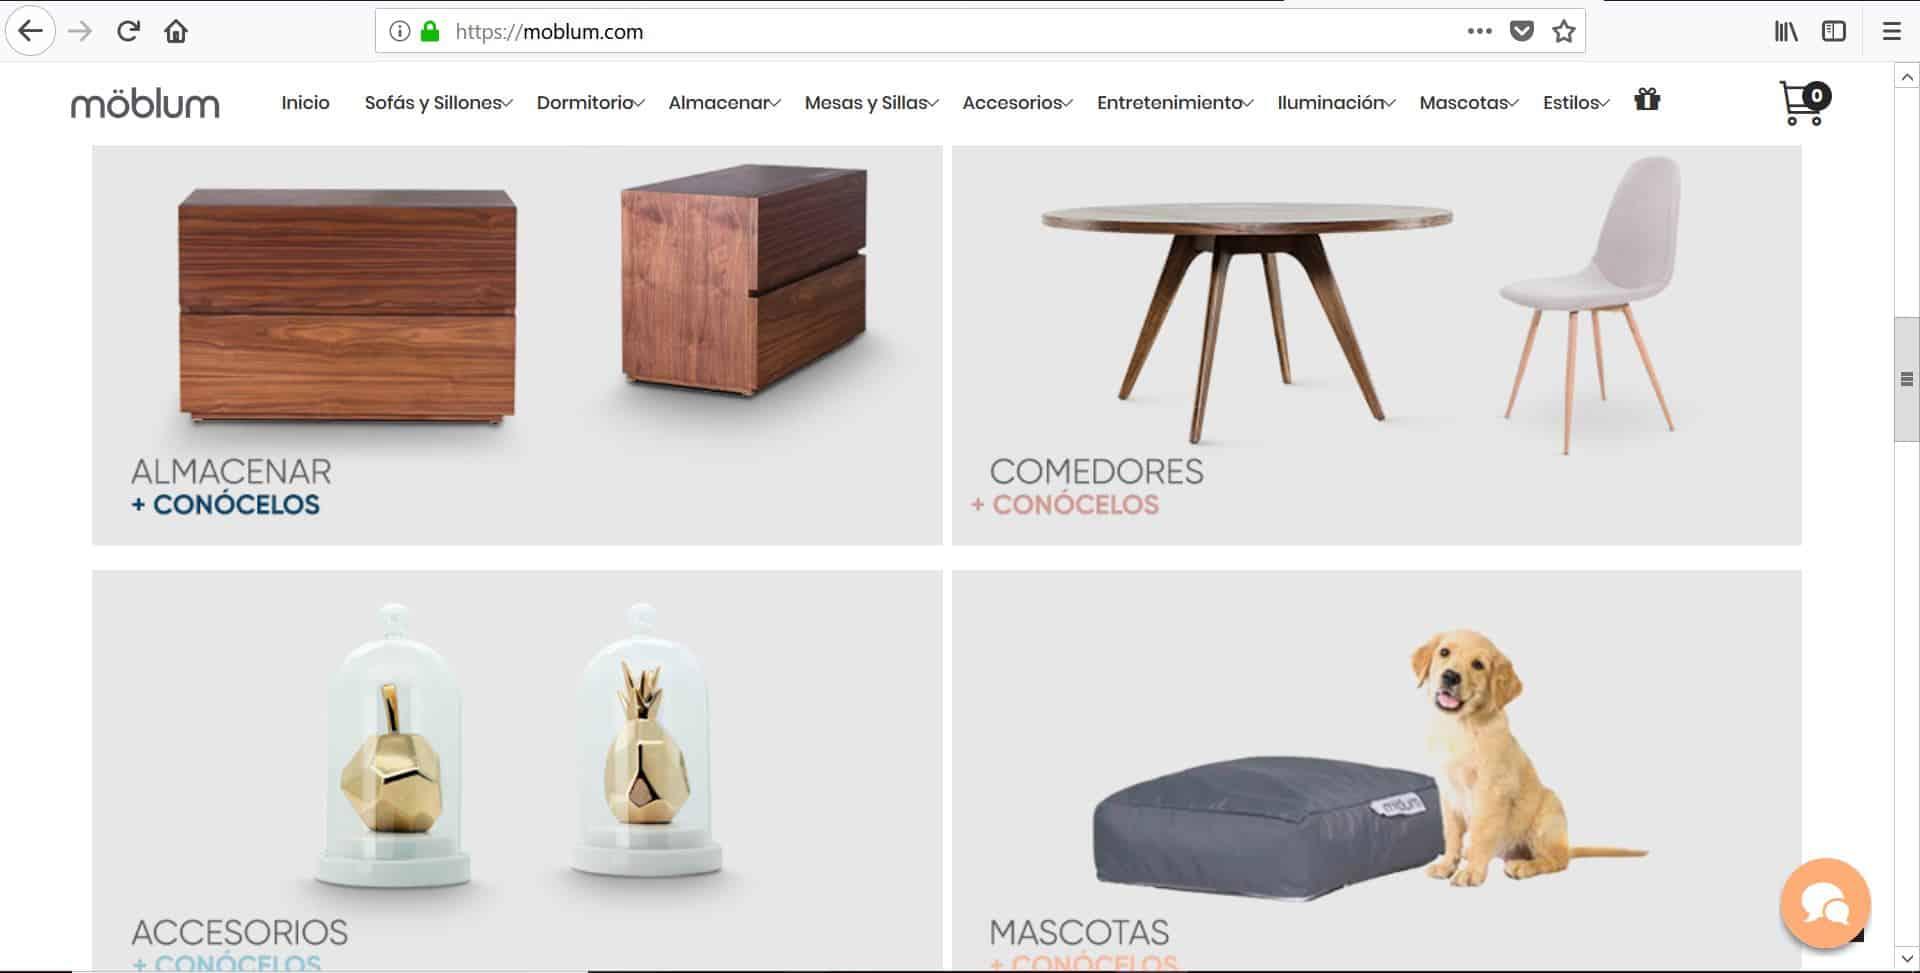 Las Mejores Tiendas Para Comprar Muebles Online Vida Y Espacio # Muebles Dico Queretaro